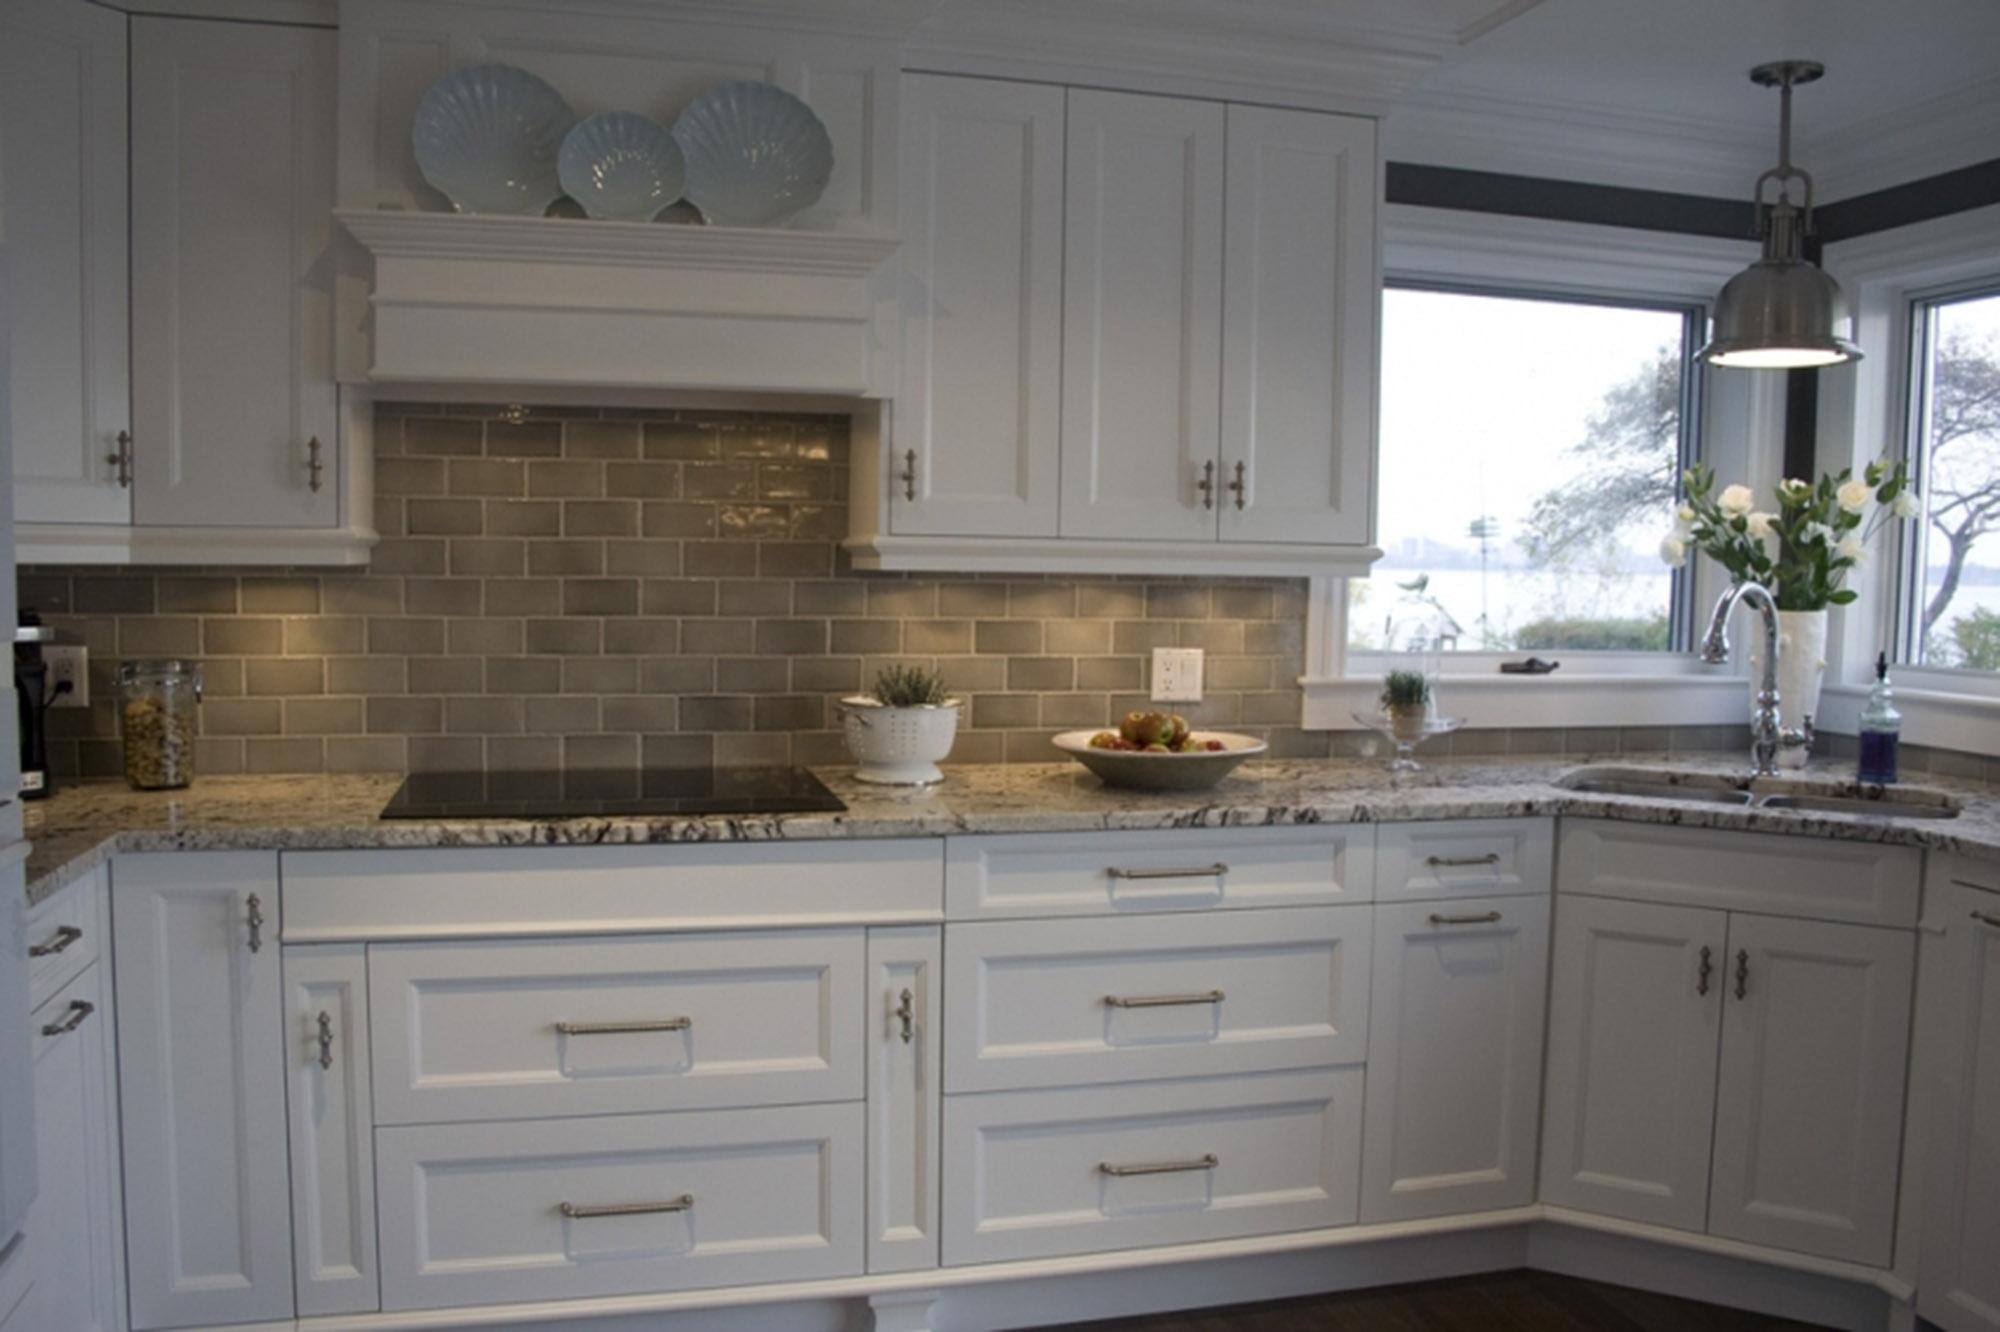 Leanne Kitchen Design